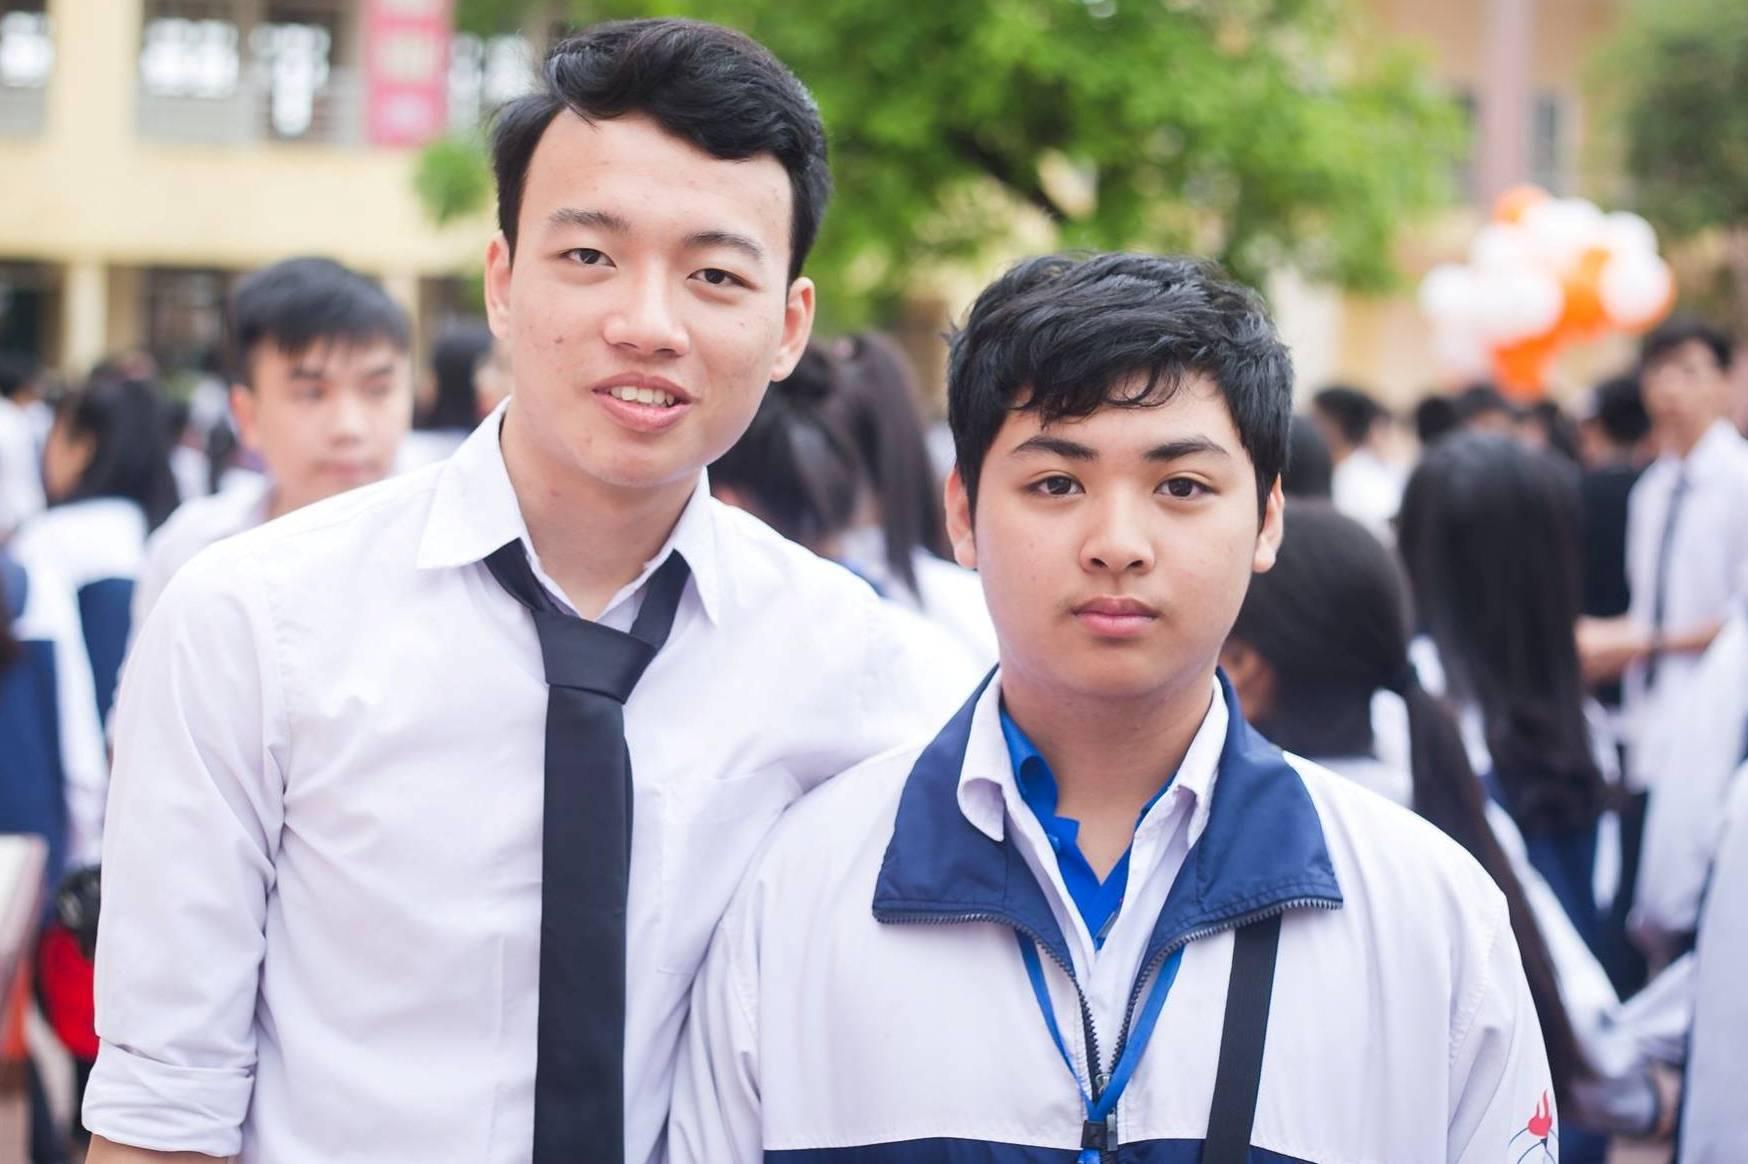 Bài luận về thiền của nam sinh Hà Tĩnh giành học bổng Mỹ  hơn 5 tỷ